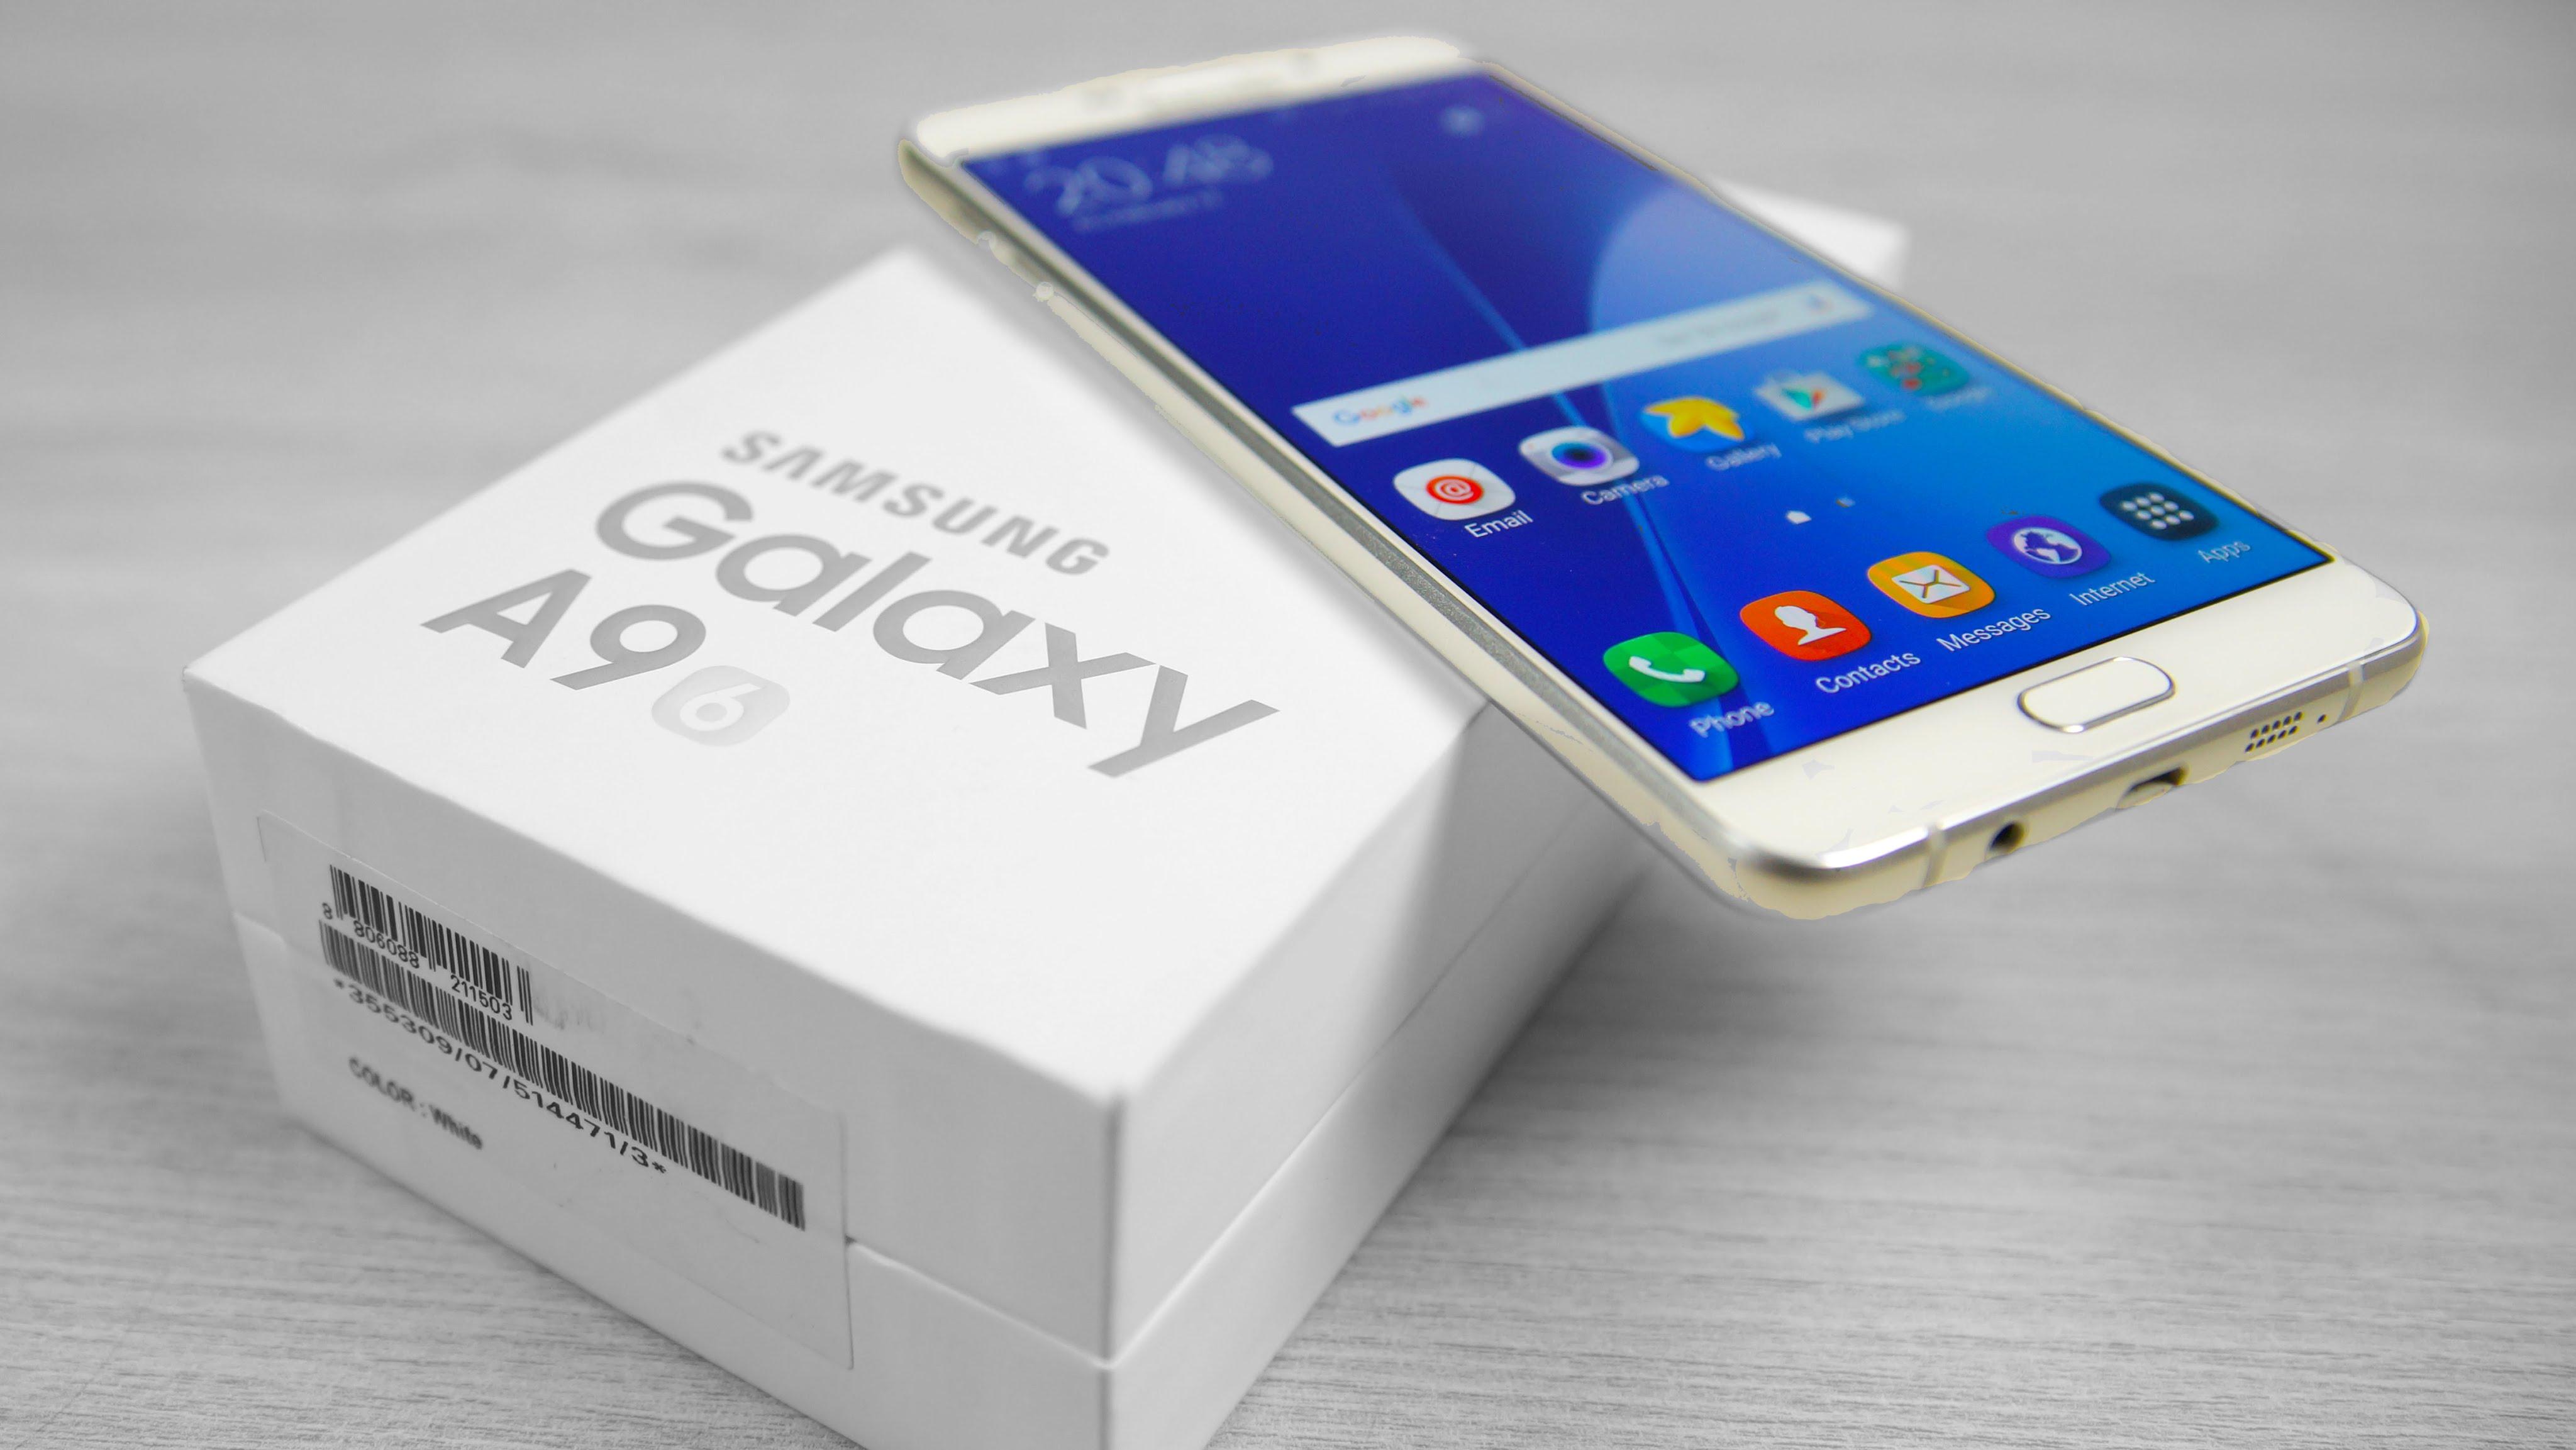 98f88e75d14 Llega a México teléfono con cuatro cámaras de Samsung — Pilotzi Noticias